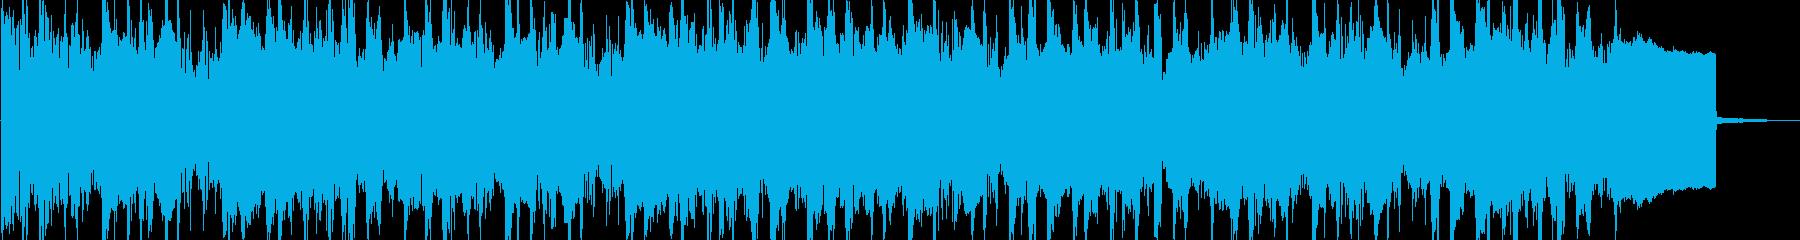 開放感のあるポップのんの再生済みの波形